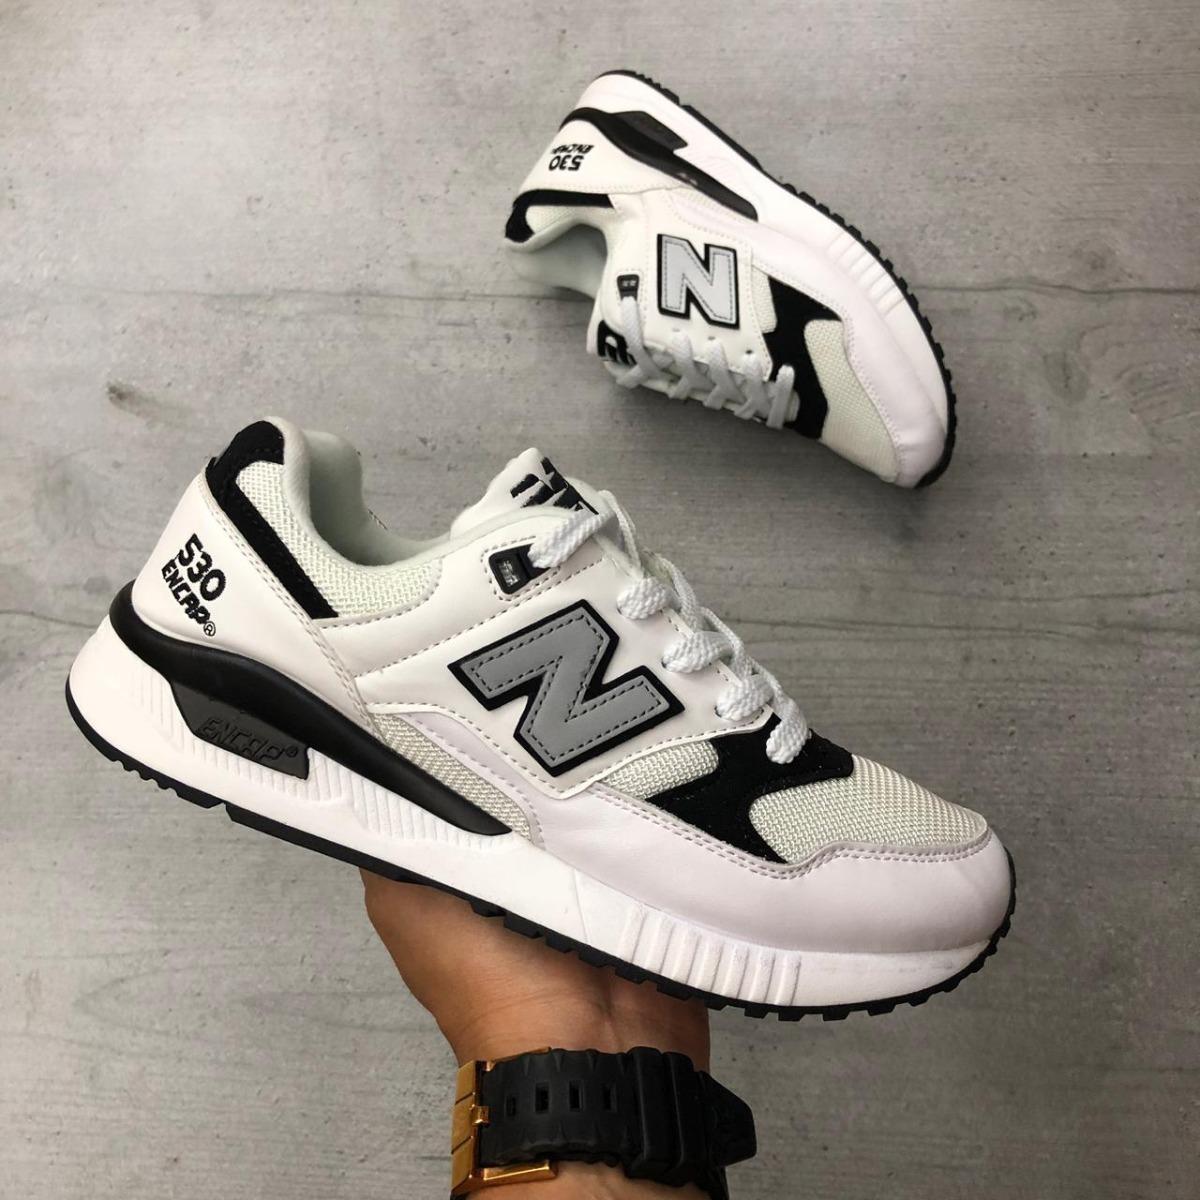 Zapatillas Tenis New Balance 530 Hombre Caballero